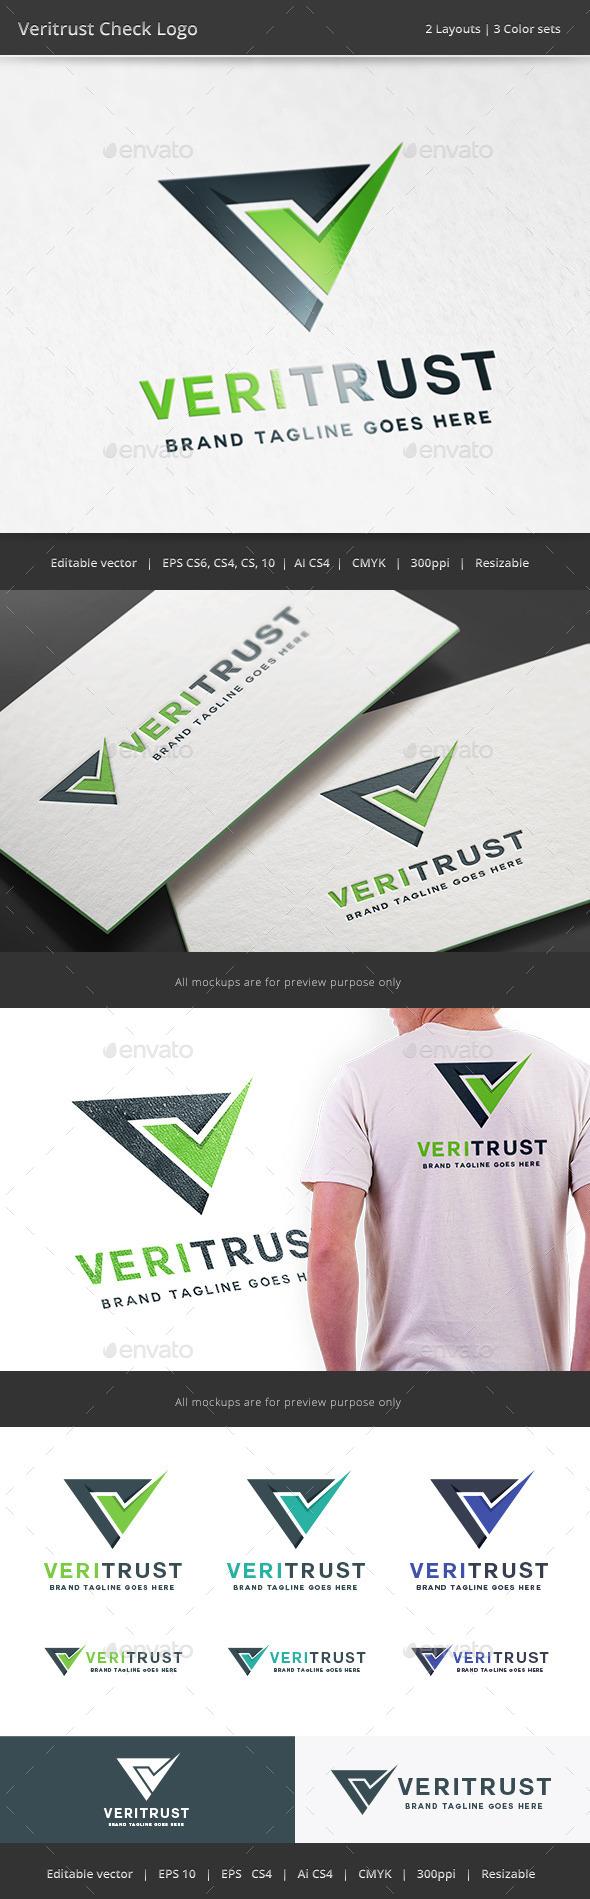 GraphicRiver Veritrust Check Logo 10799492